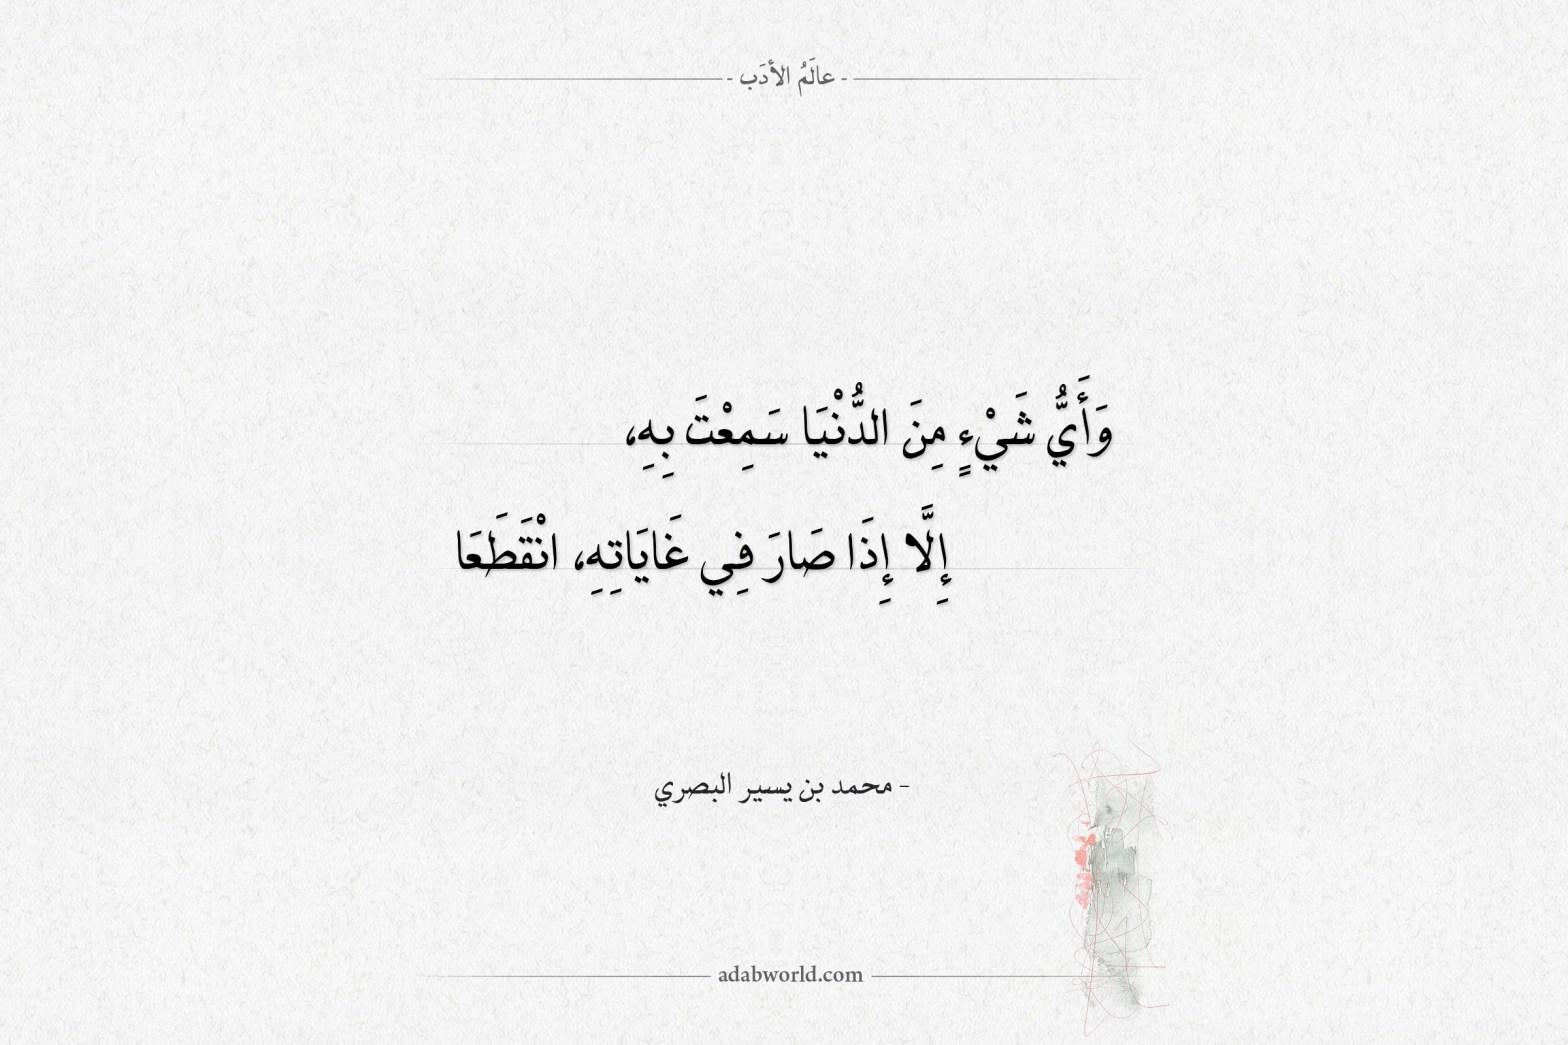 شعر محمد بن يسير البصري أي شيء من الدنيا سمعت به